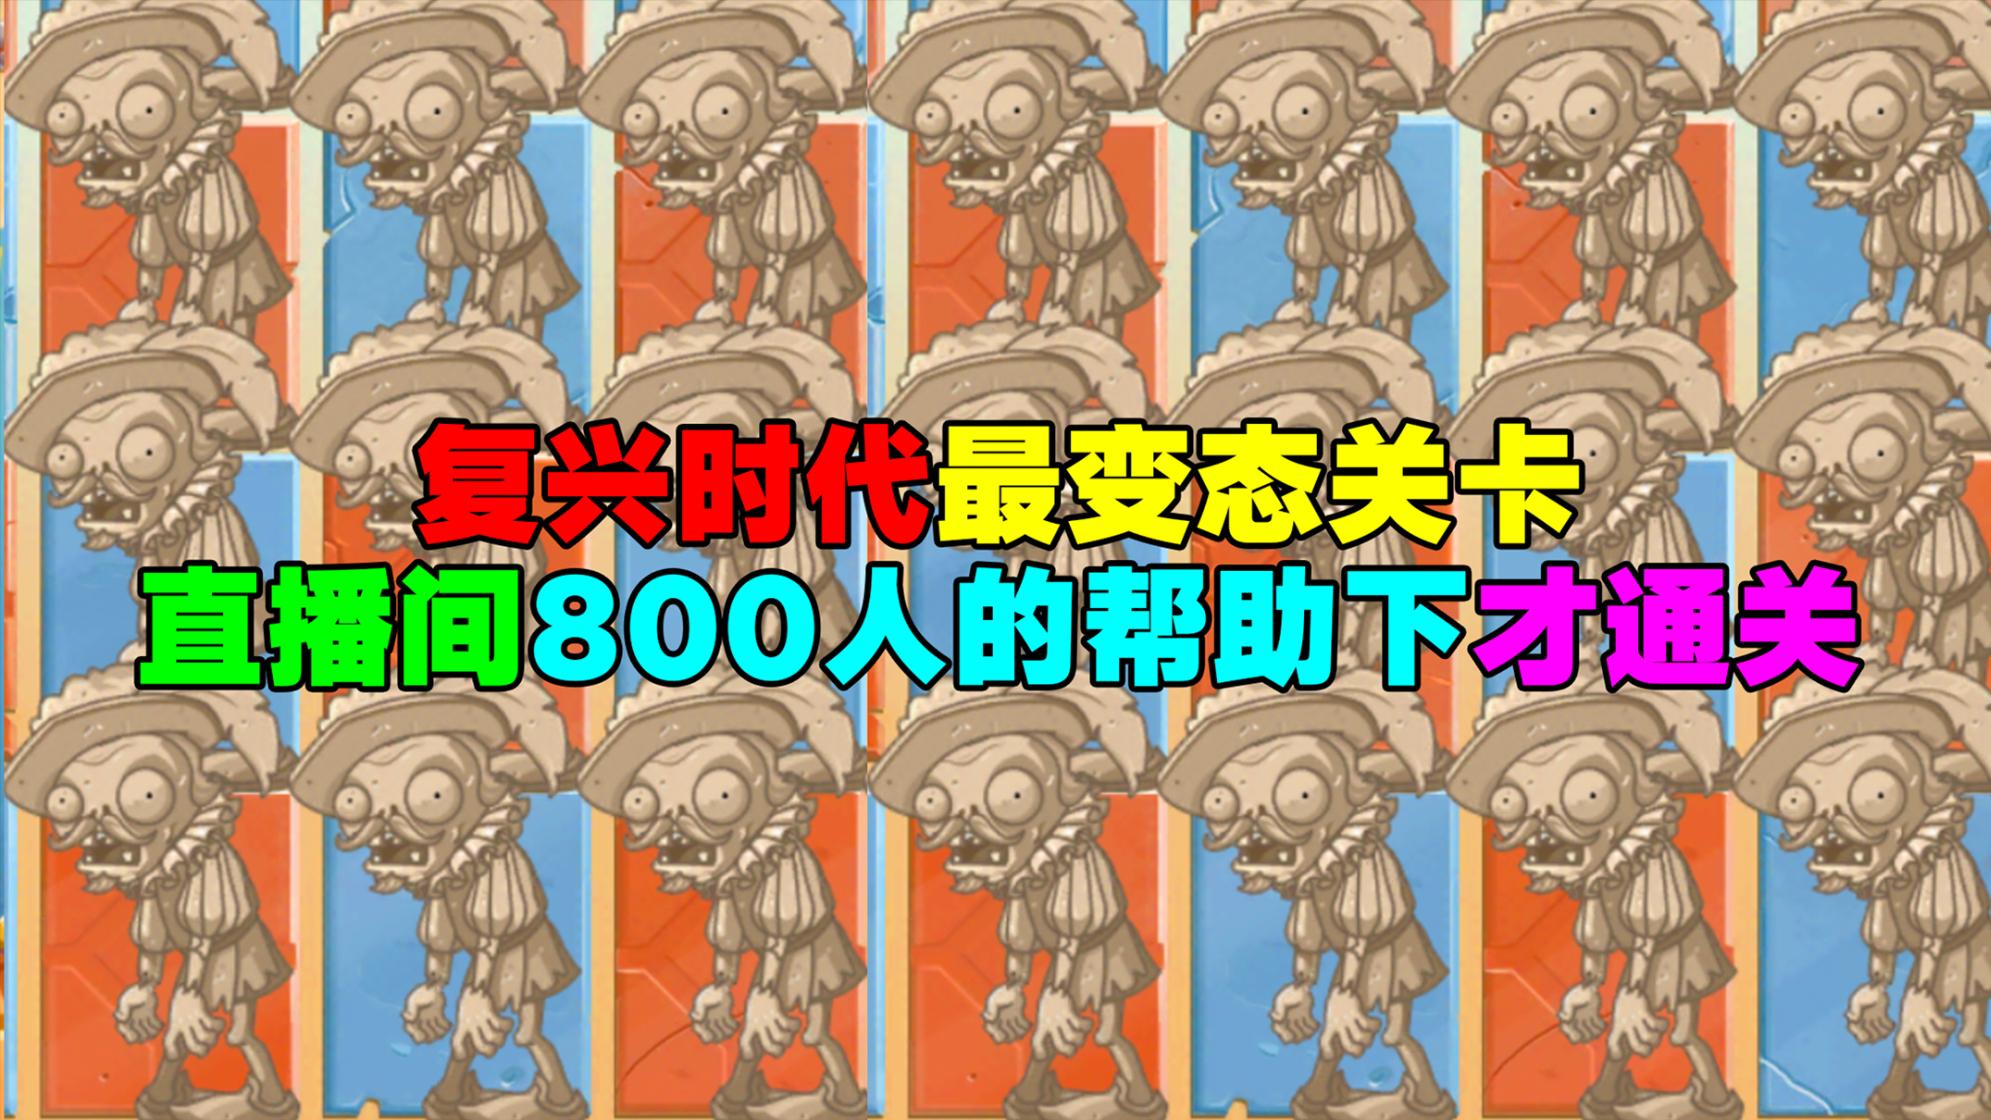 PVZ2:什么关卡这么难?竟然要800位粉丝同时进行?